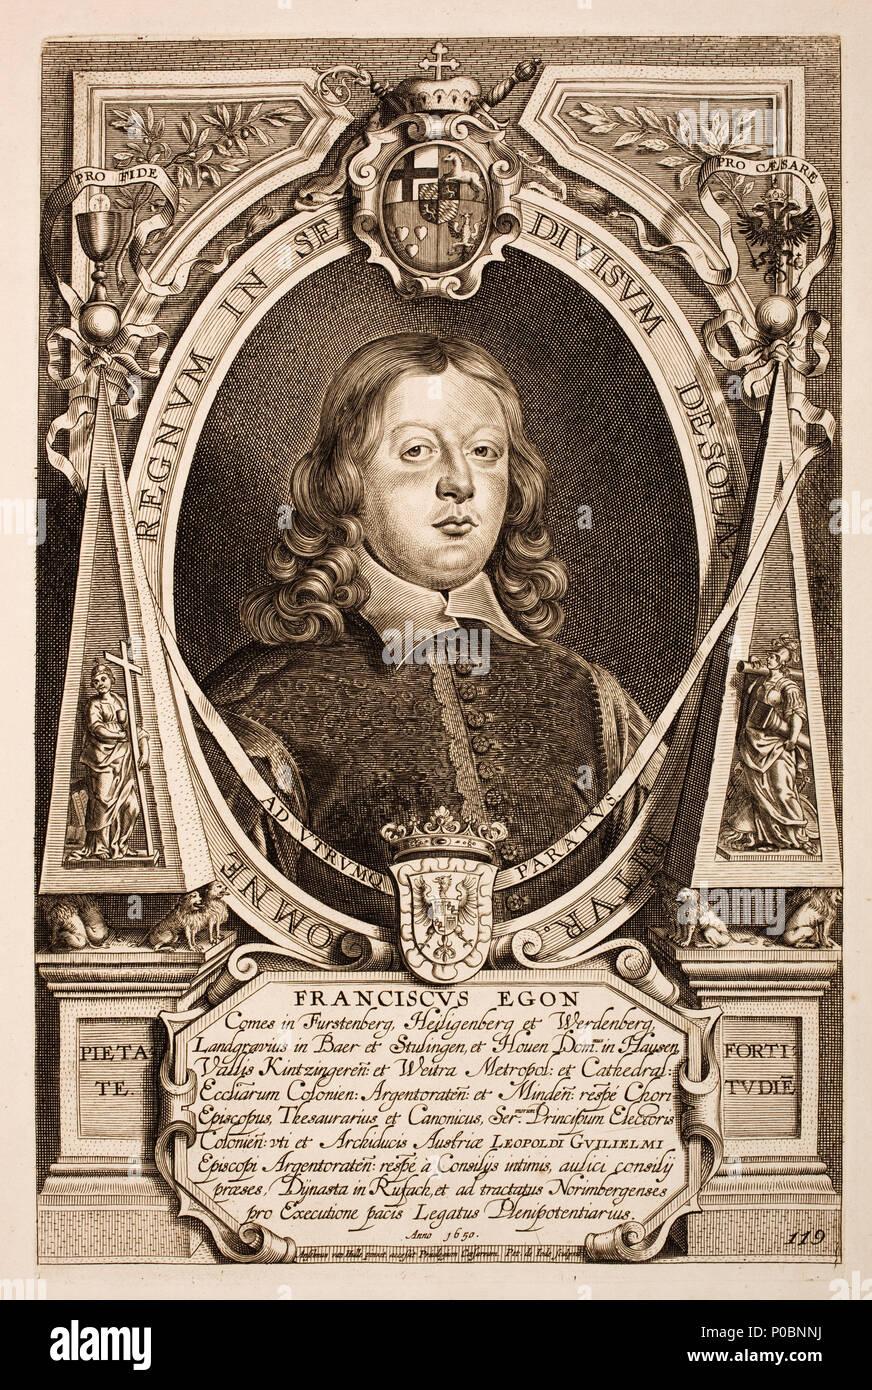 . Deutsch: Franz Egon von Fürstenberg-Heiligenberg (* 10. April 1626 in Heiligenberg; † 1. April 1682 in Köln) war Bischof von Straßburg, Abt des Klosters Murbach (von 1663 bis 1682) sowie Kurkölnischer Premierminister und Gesandter am Westfälischen Frieden. English: Portrait of Franz Egon of Fürstenberg (1626-1682), who was (10 April 1626, Heiligenberg – 1 April 1682) was a German count in the Holy Roman Empire and envoy to the Peace of Westphalia. 'Franciscus Egon Comes in Furstenberg, Heiligenberg et Werdenberg, Langraevius in Baer et Stulingen, et Houen...'. Page 119. Nederlands: Frans Ego - Stock Image